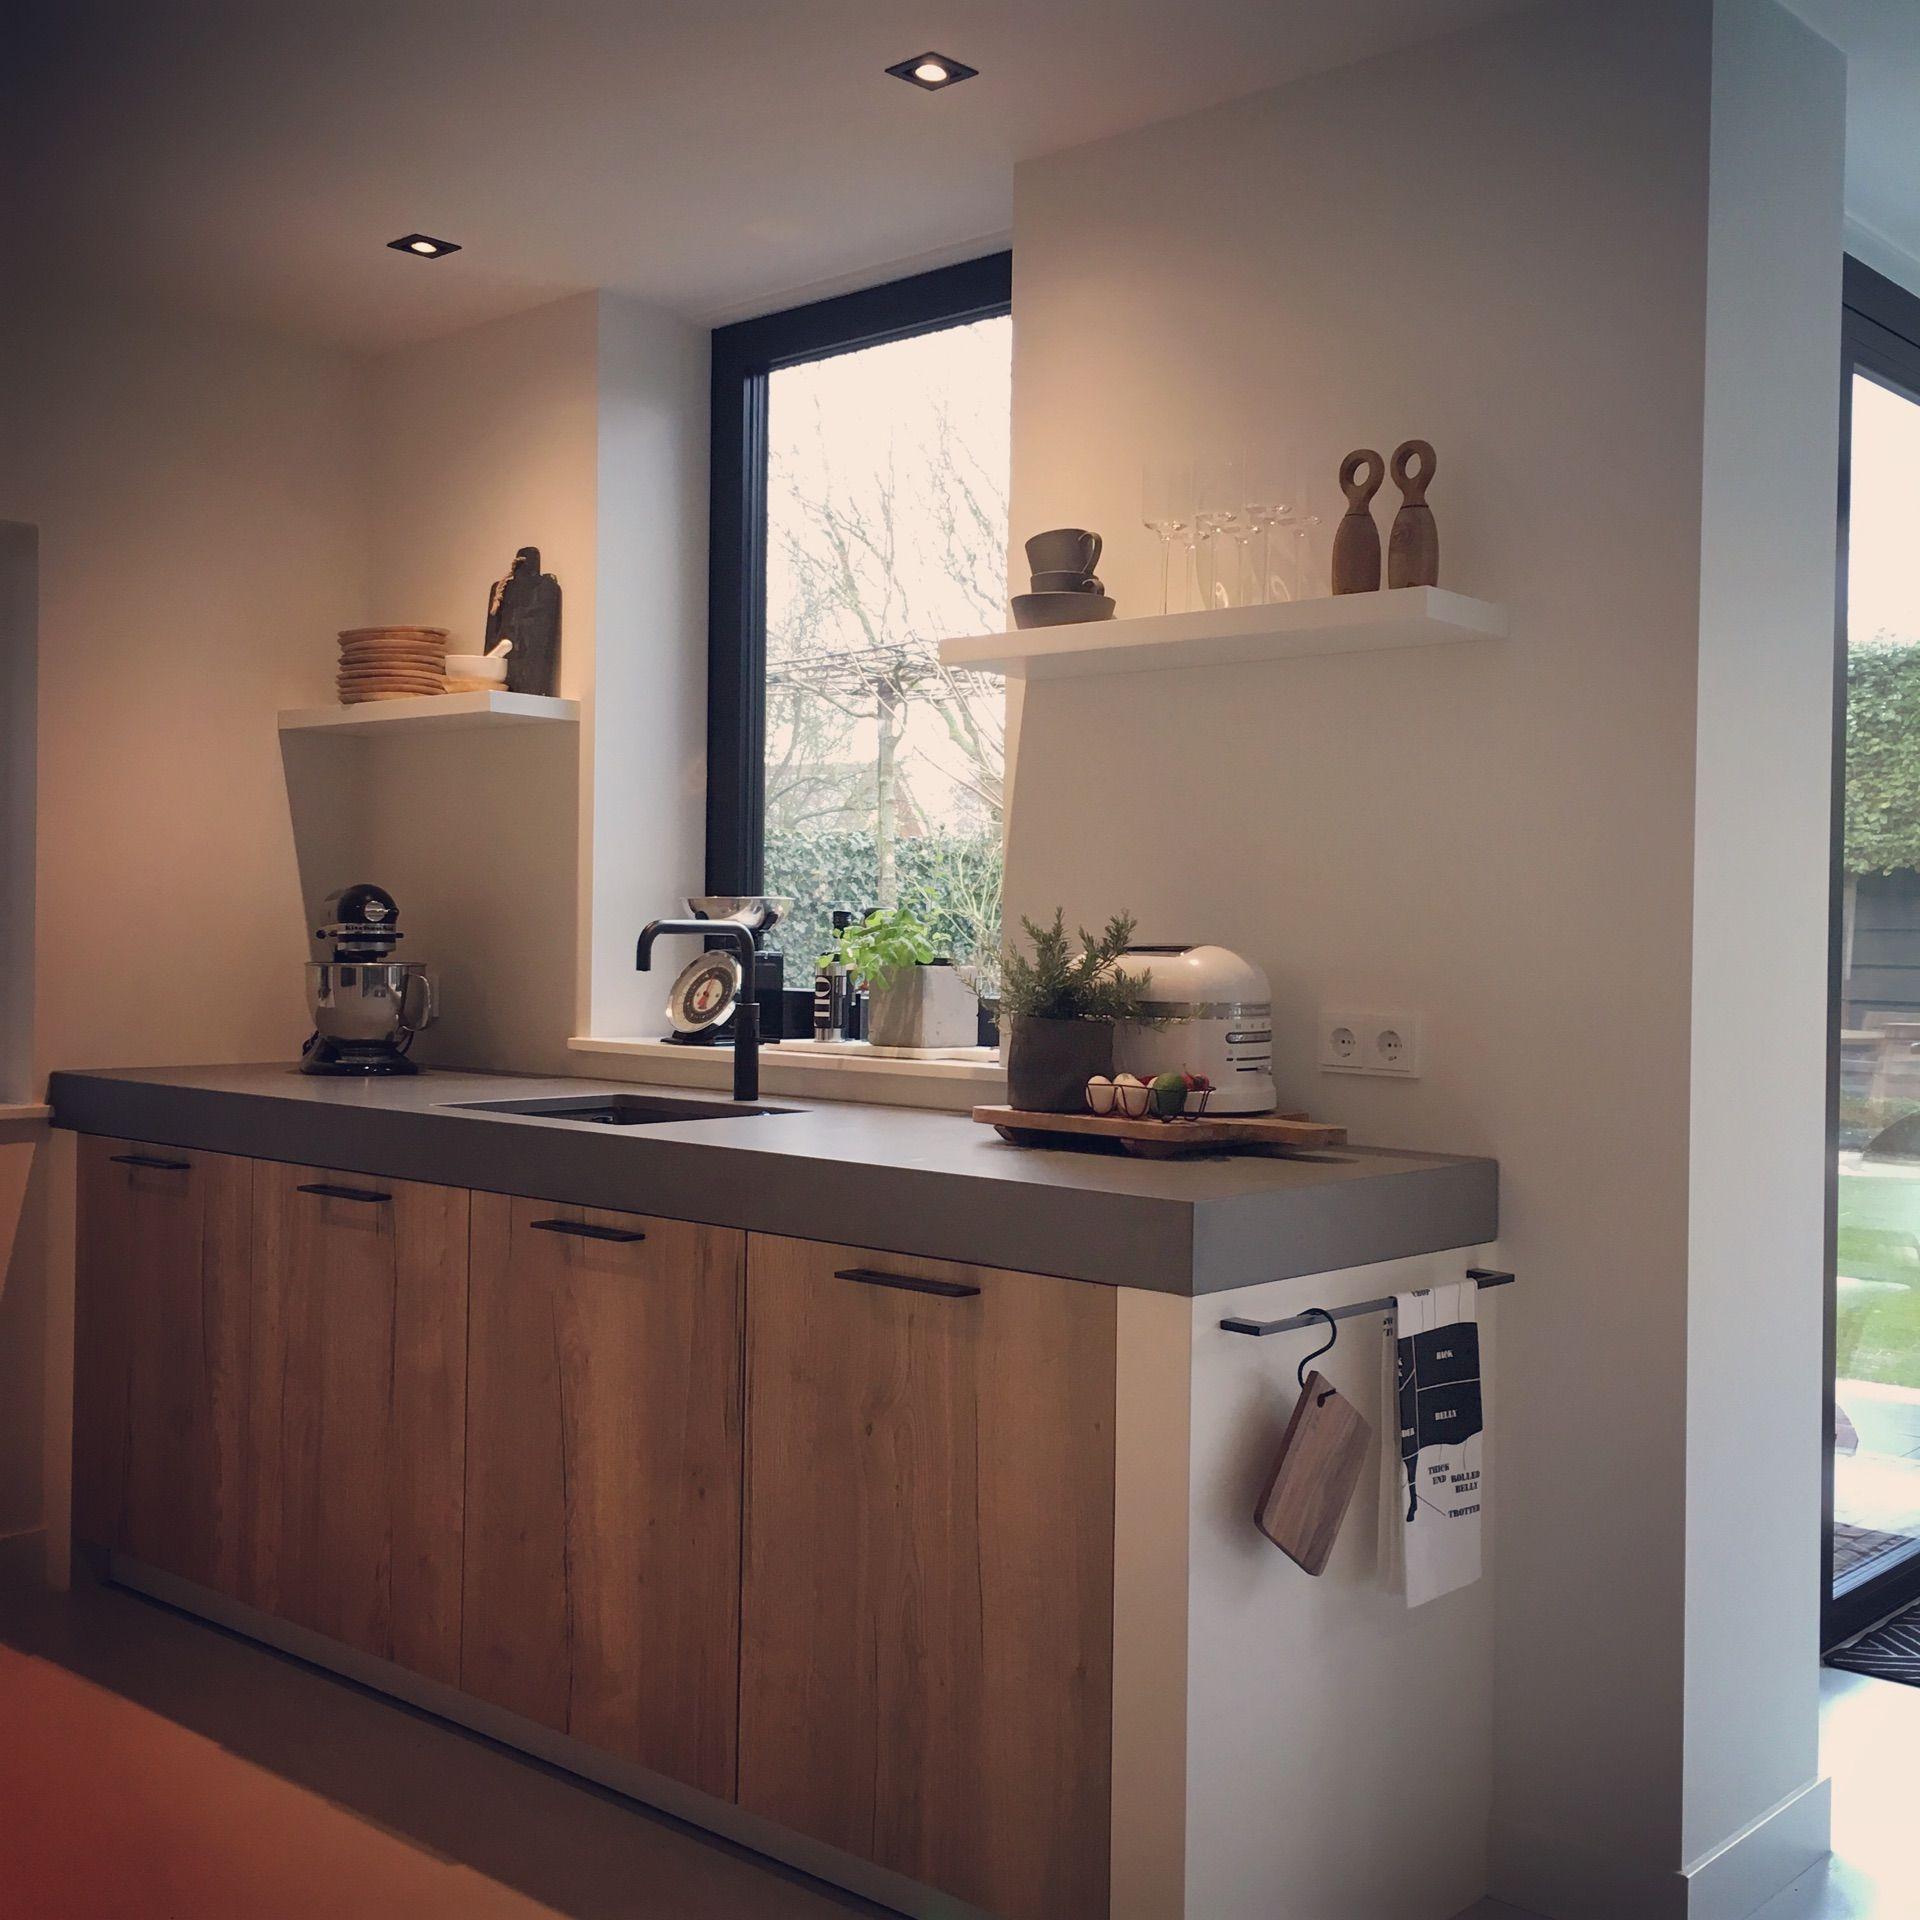 Interieur I Binnenkijken I Moderne Bungalow In Ermelo: Keuken - Binnenkijken Bij Wonenbydjo